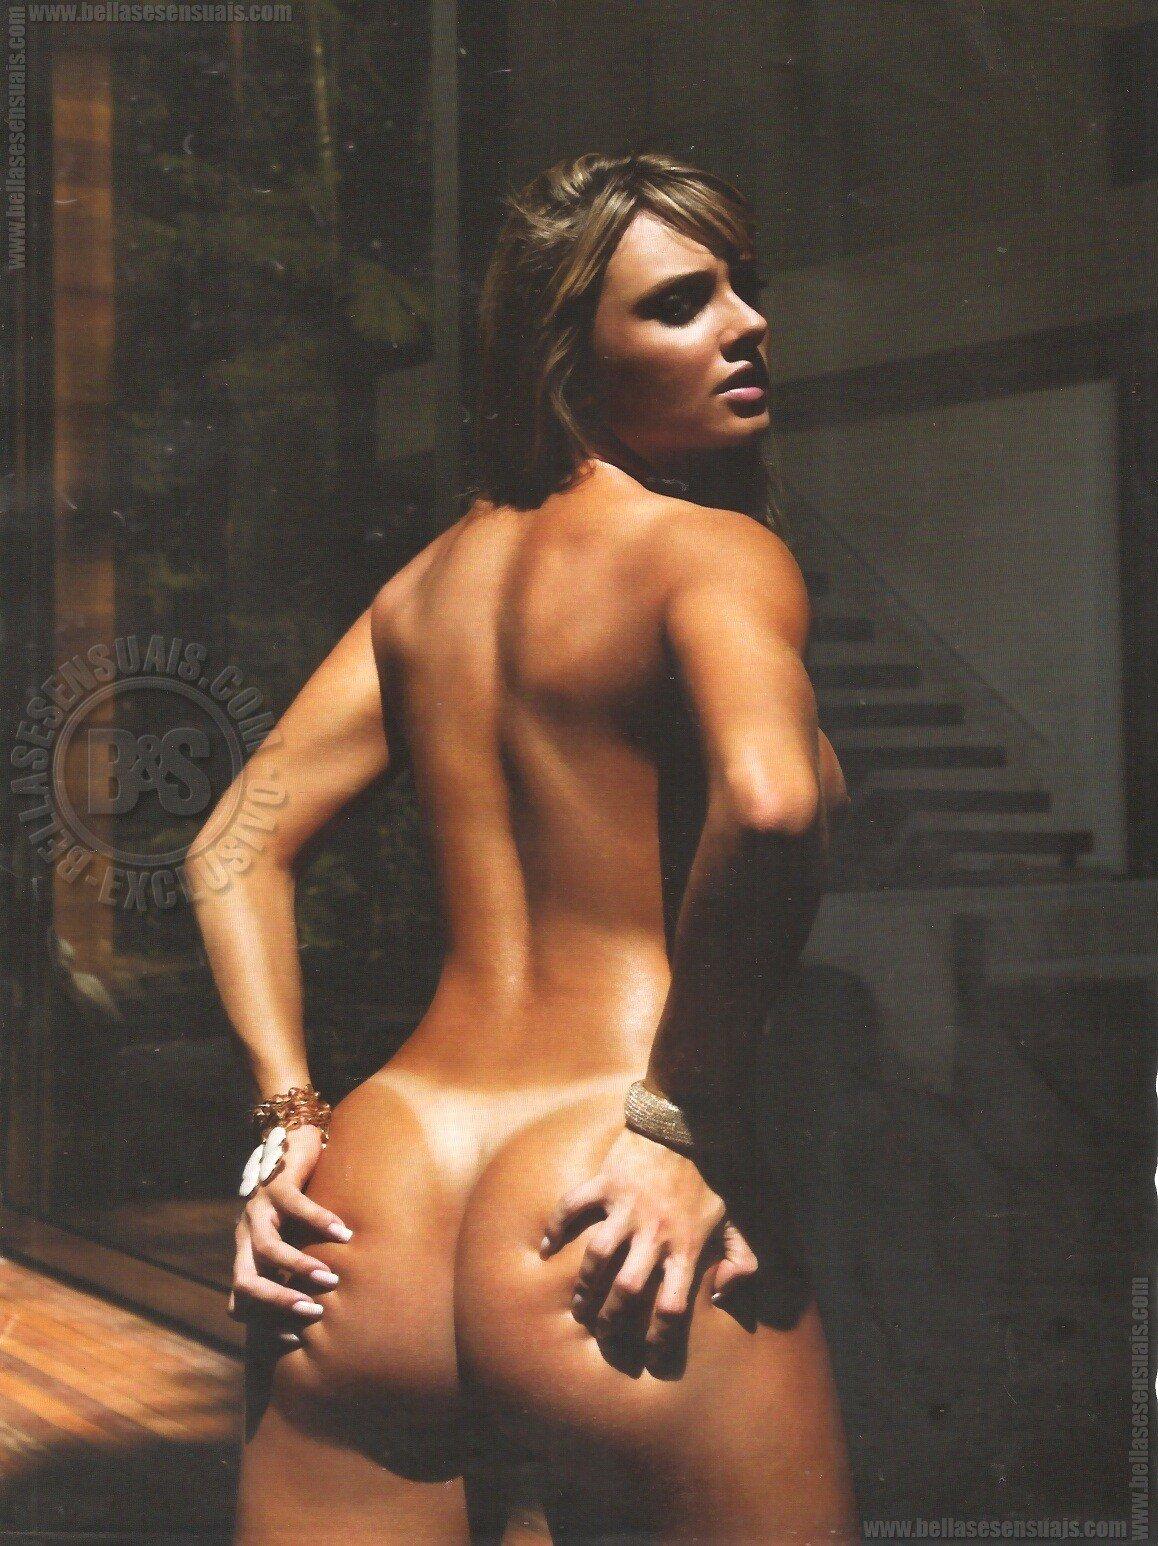 Fotos Playboy Panicat Juju Salimeni Janeiro (15)